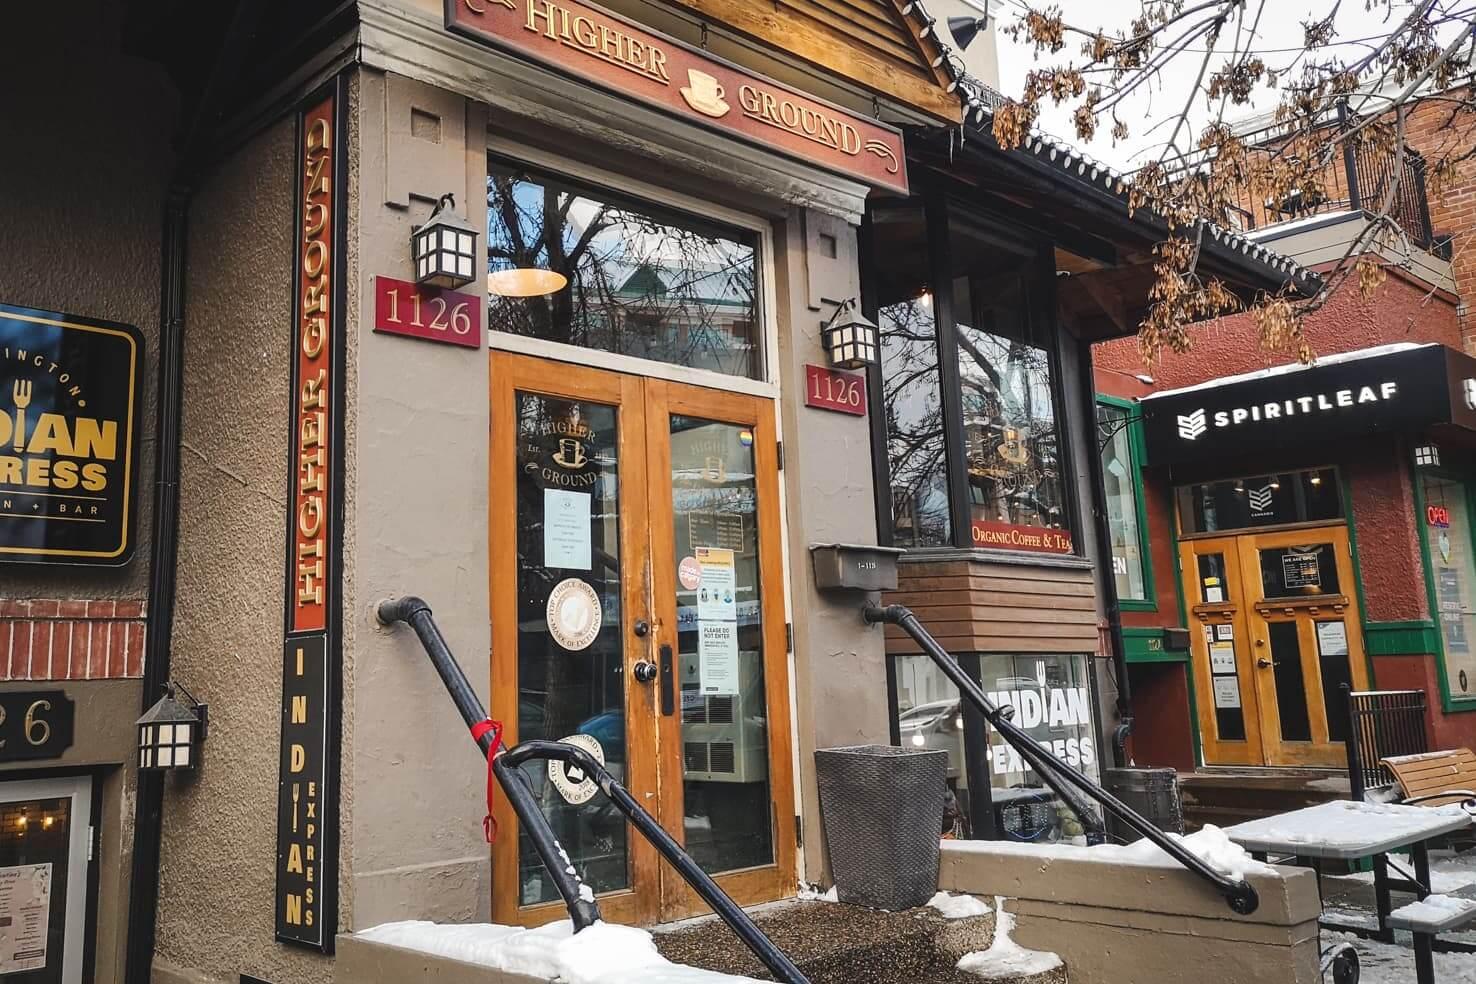 Higher Ground Café, Clgary